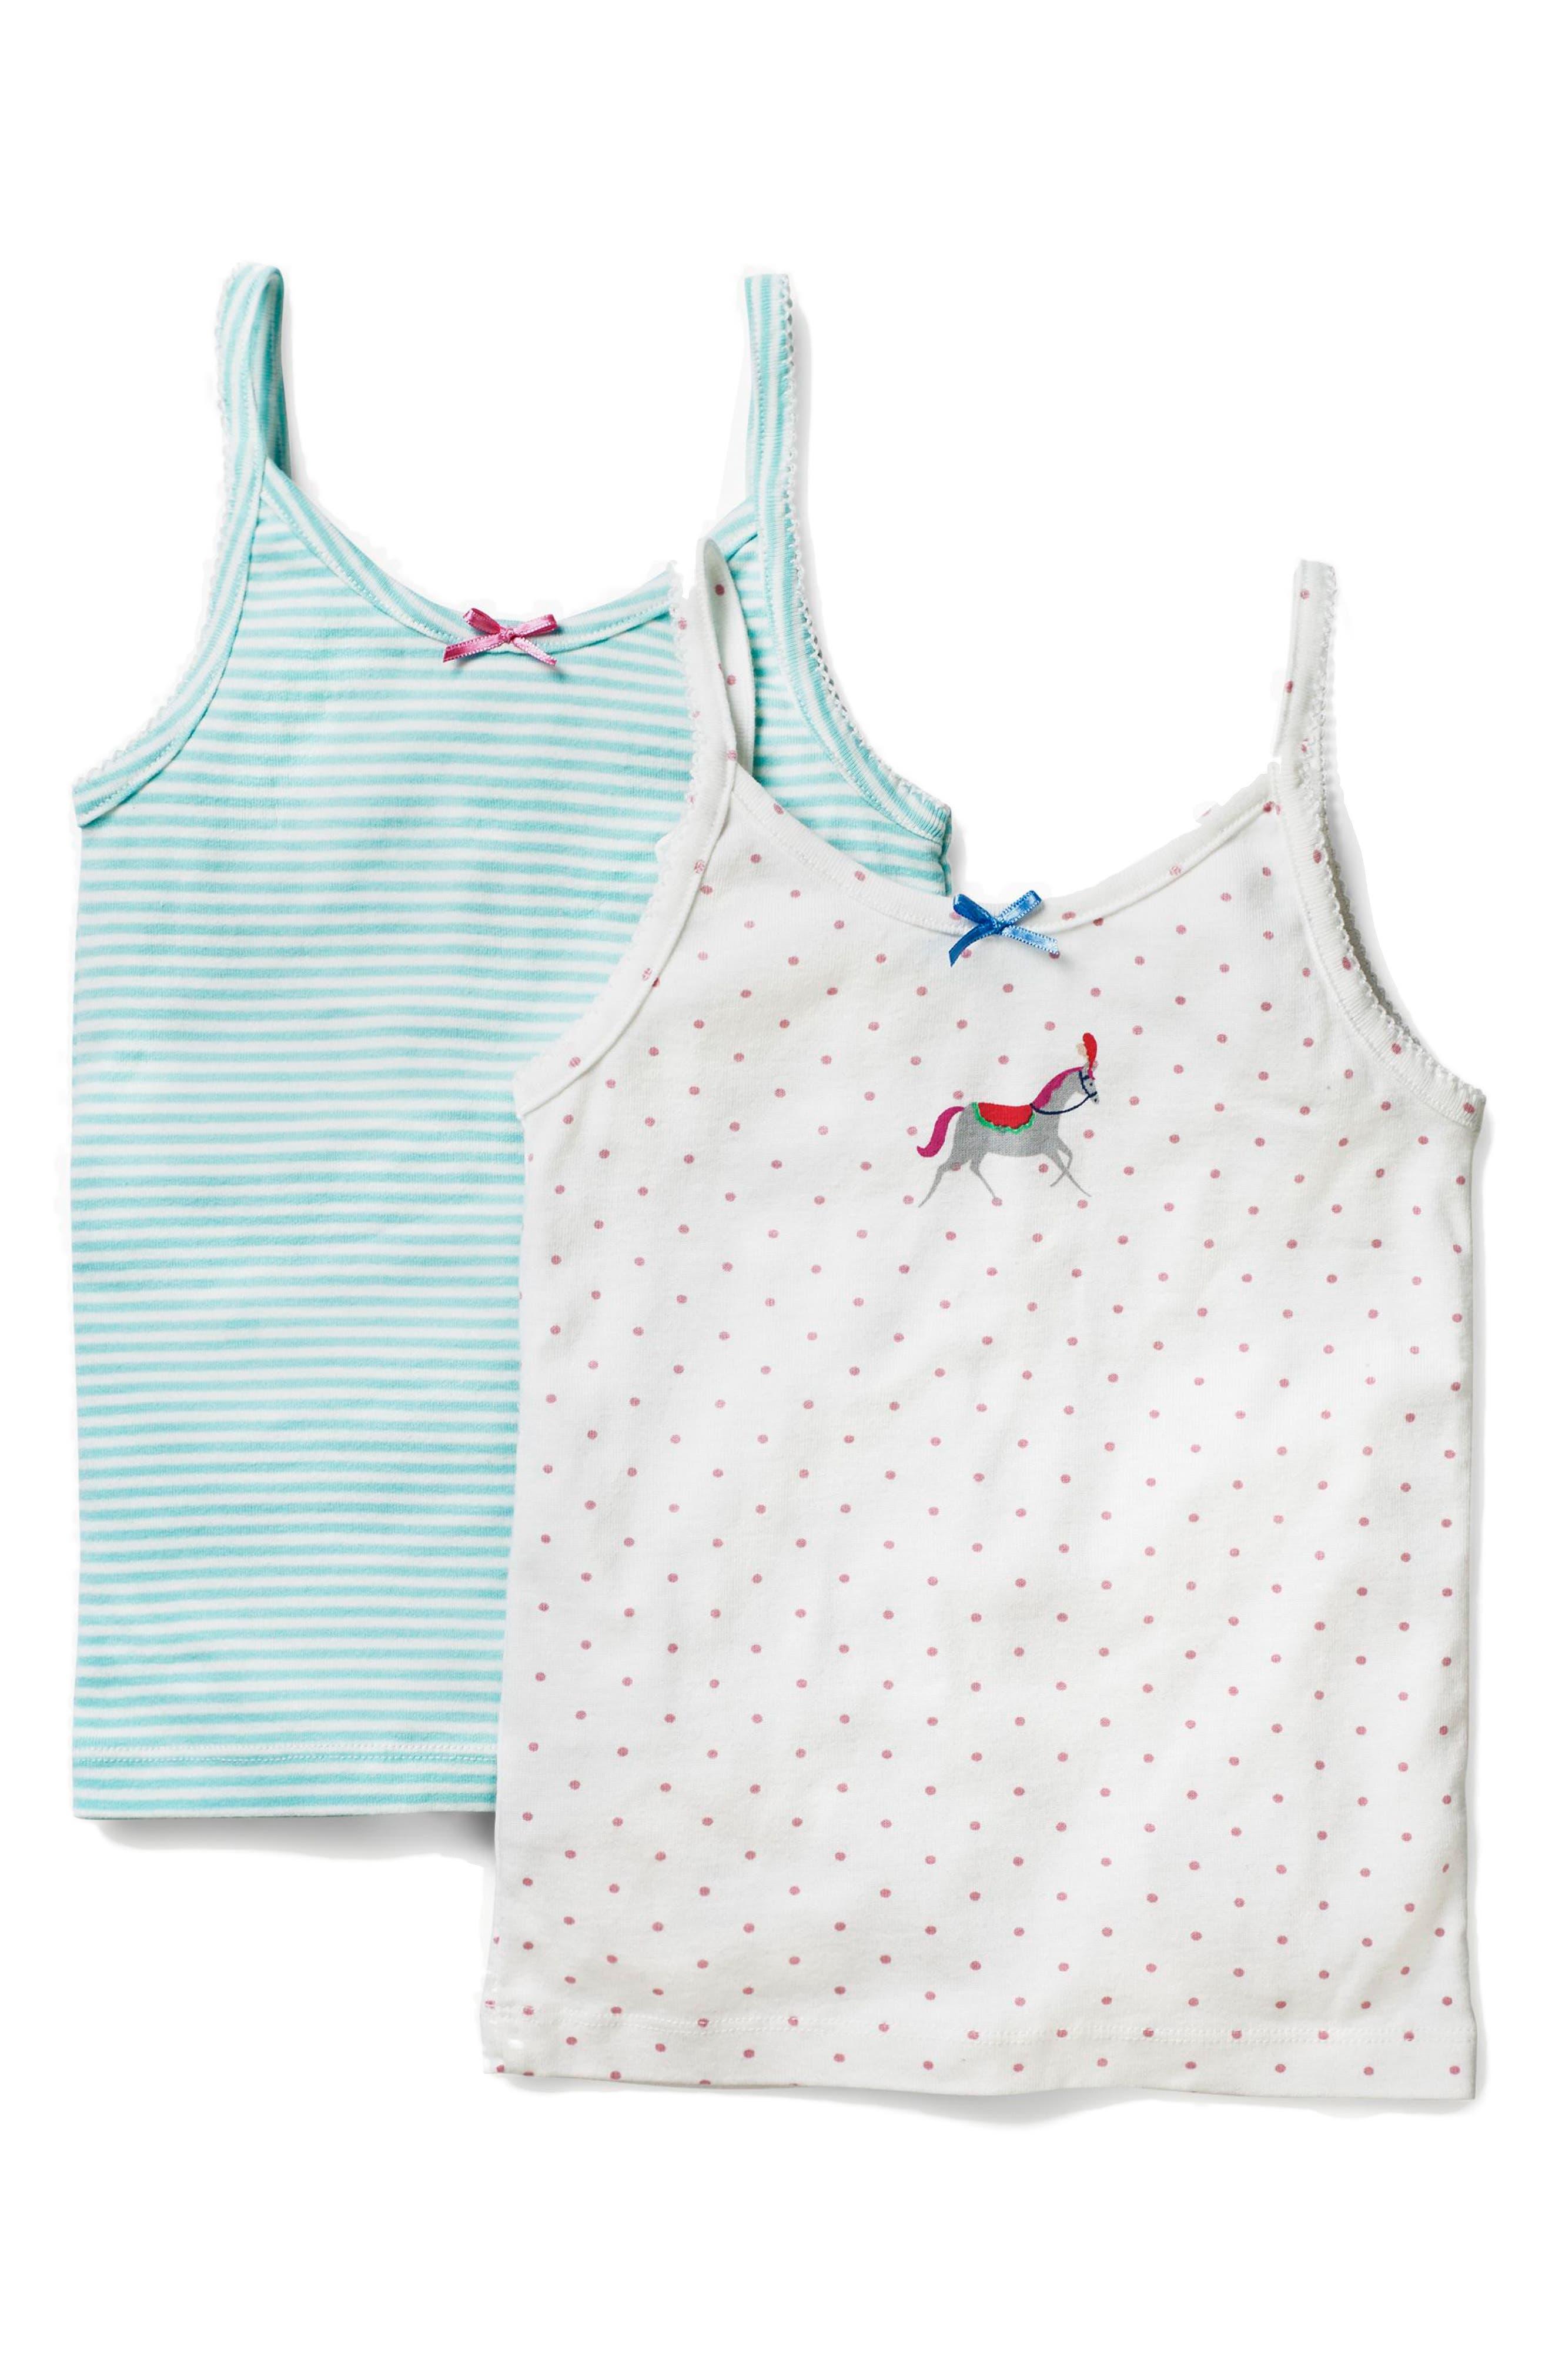 MINI BODEN,                             2-Pack Cotton Camisoles,                             Main thumbnail 1, color,                             402